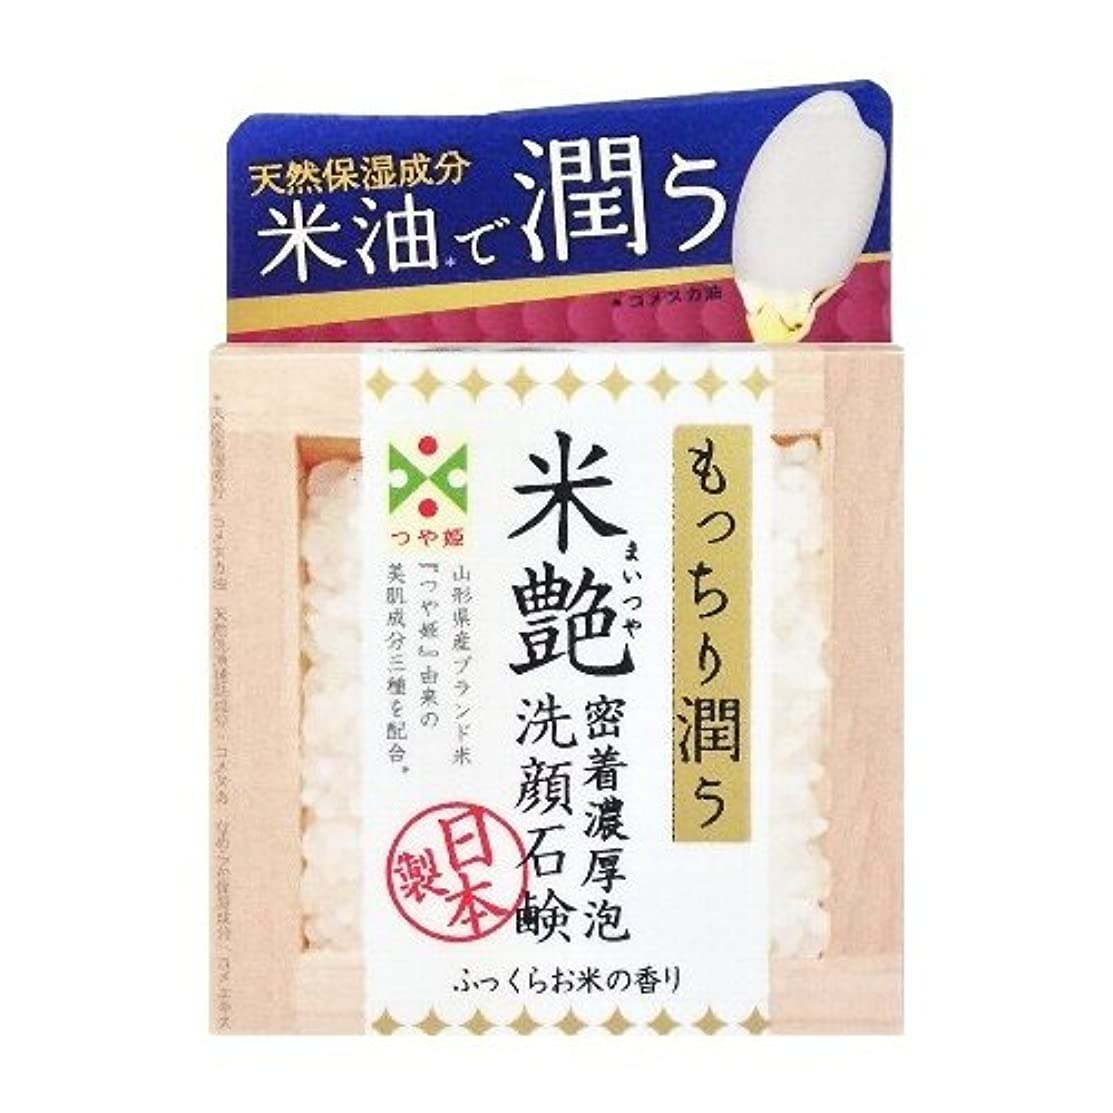 コンクリート裂け目すずめペリカン石鹸 米艶洗顔石鹸 100g